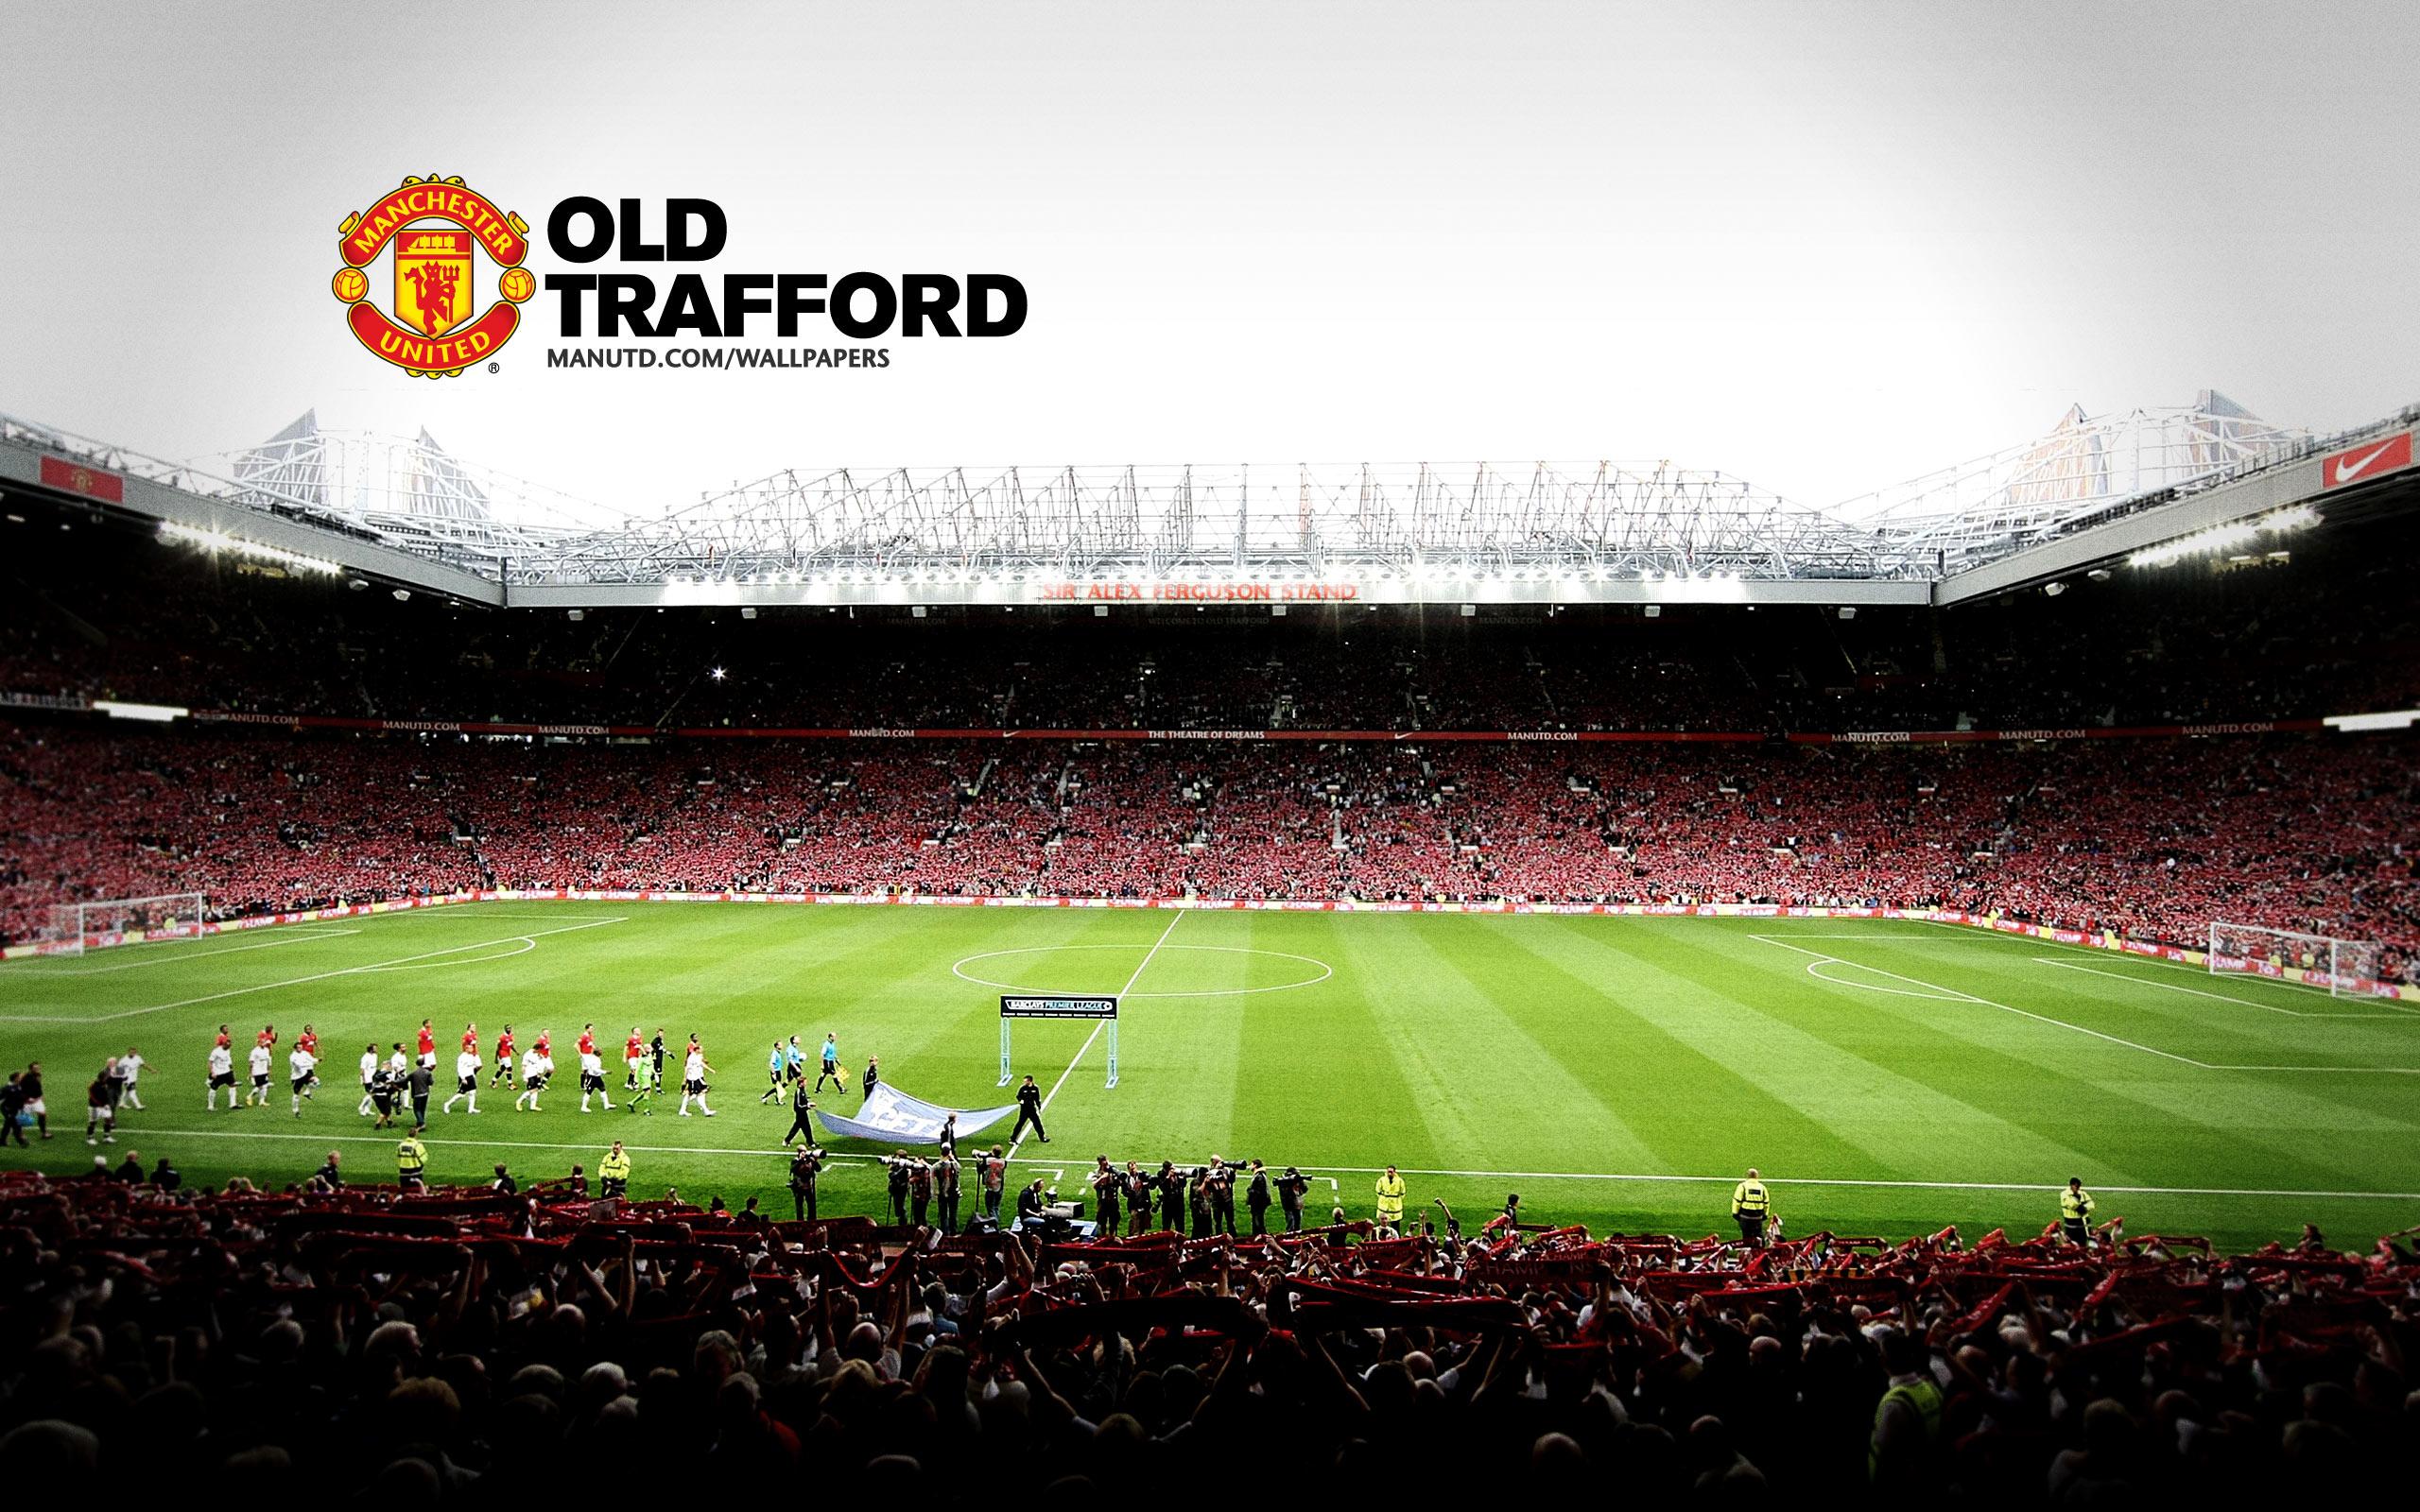 Trafford